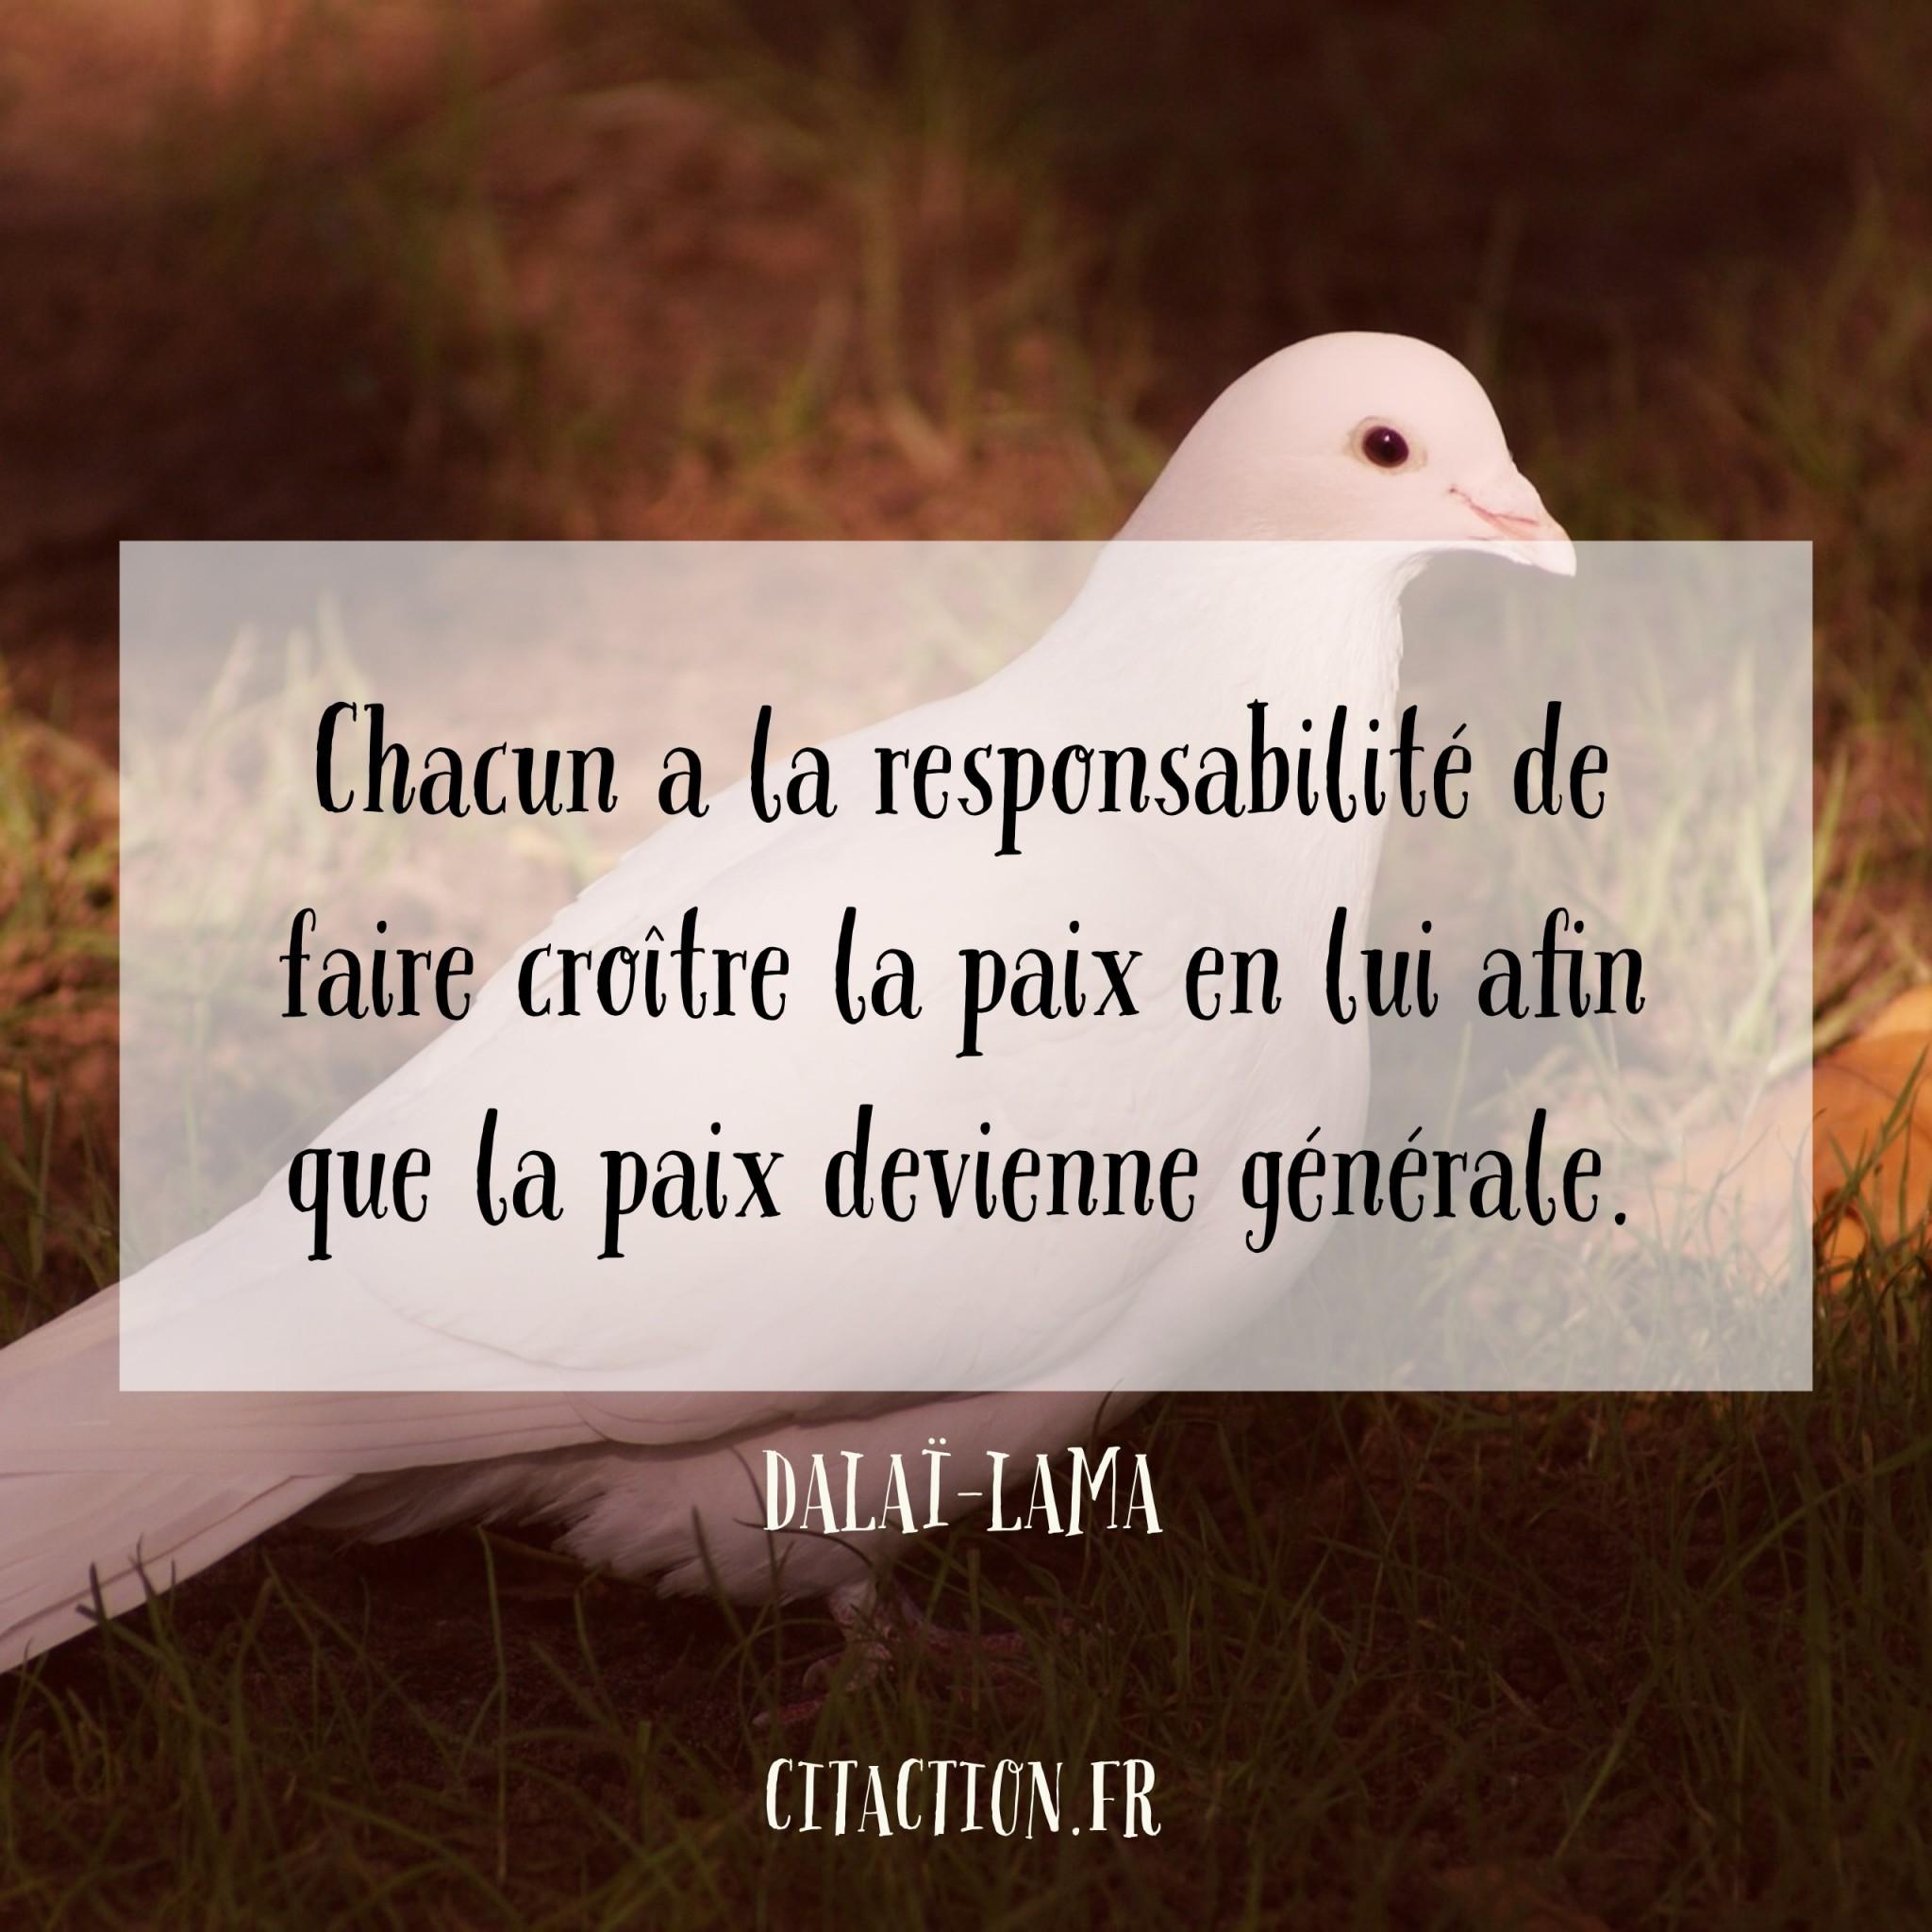 Chacun a la responsabilité de faire croître la paix en lui afin que la paix devienne générale.